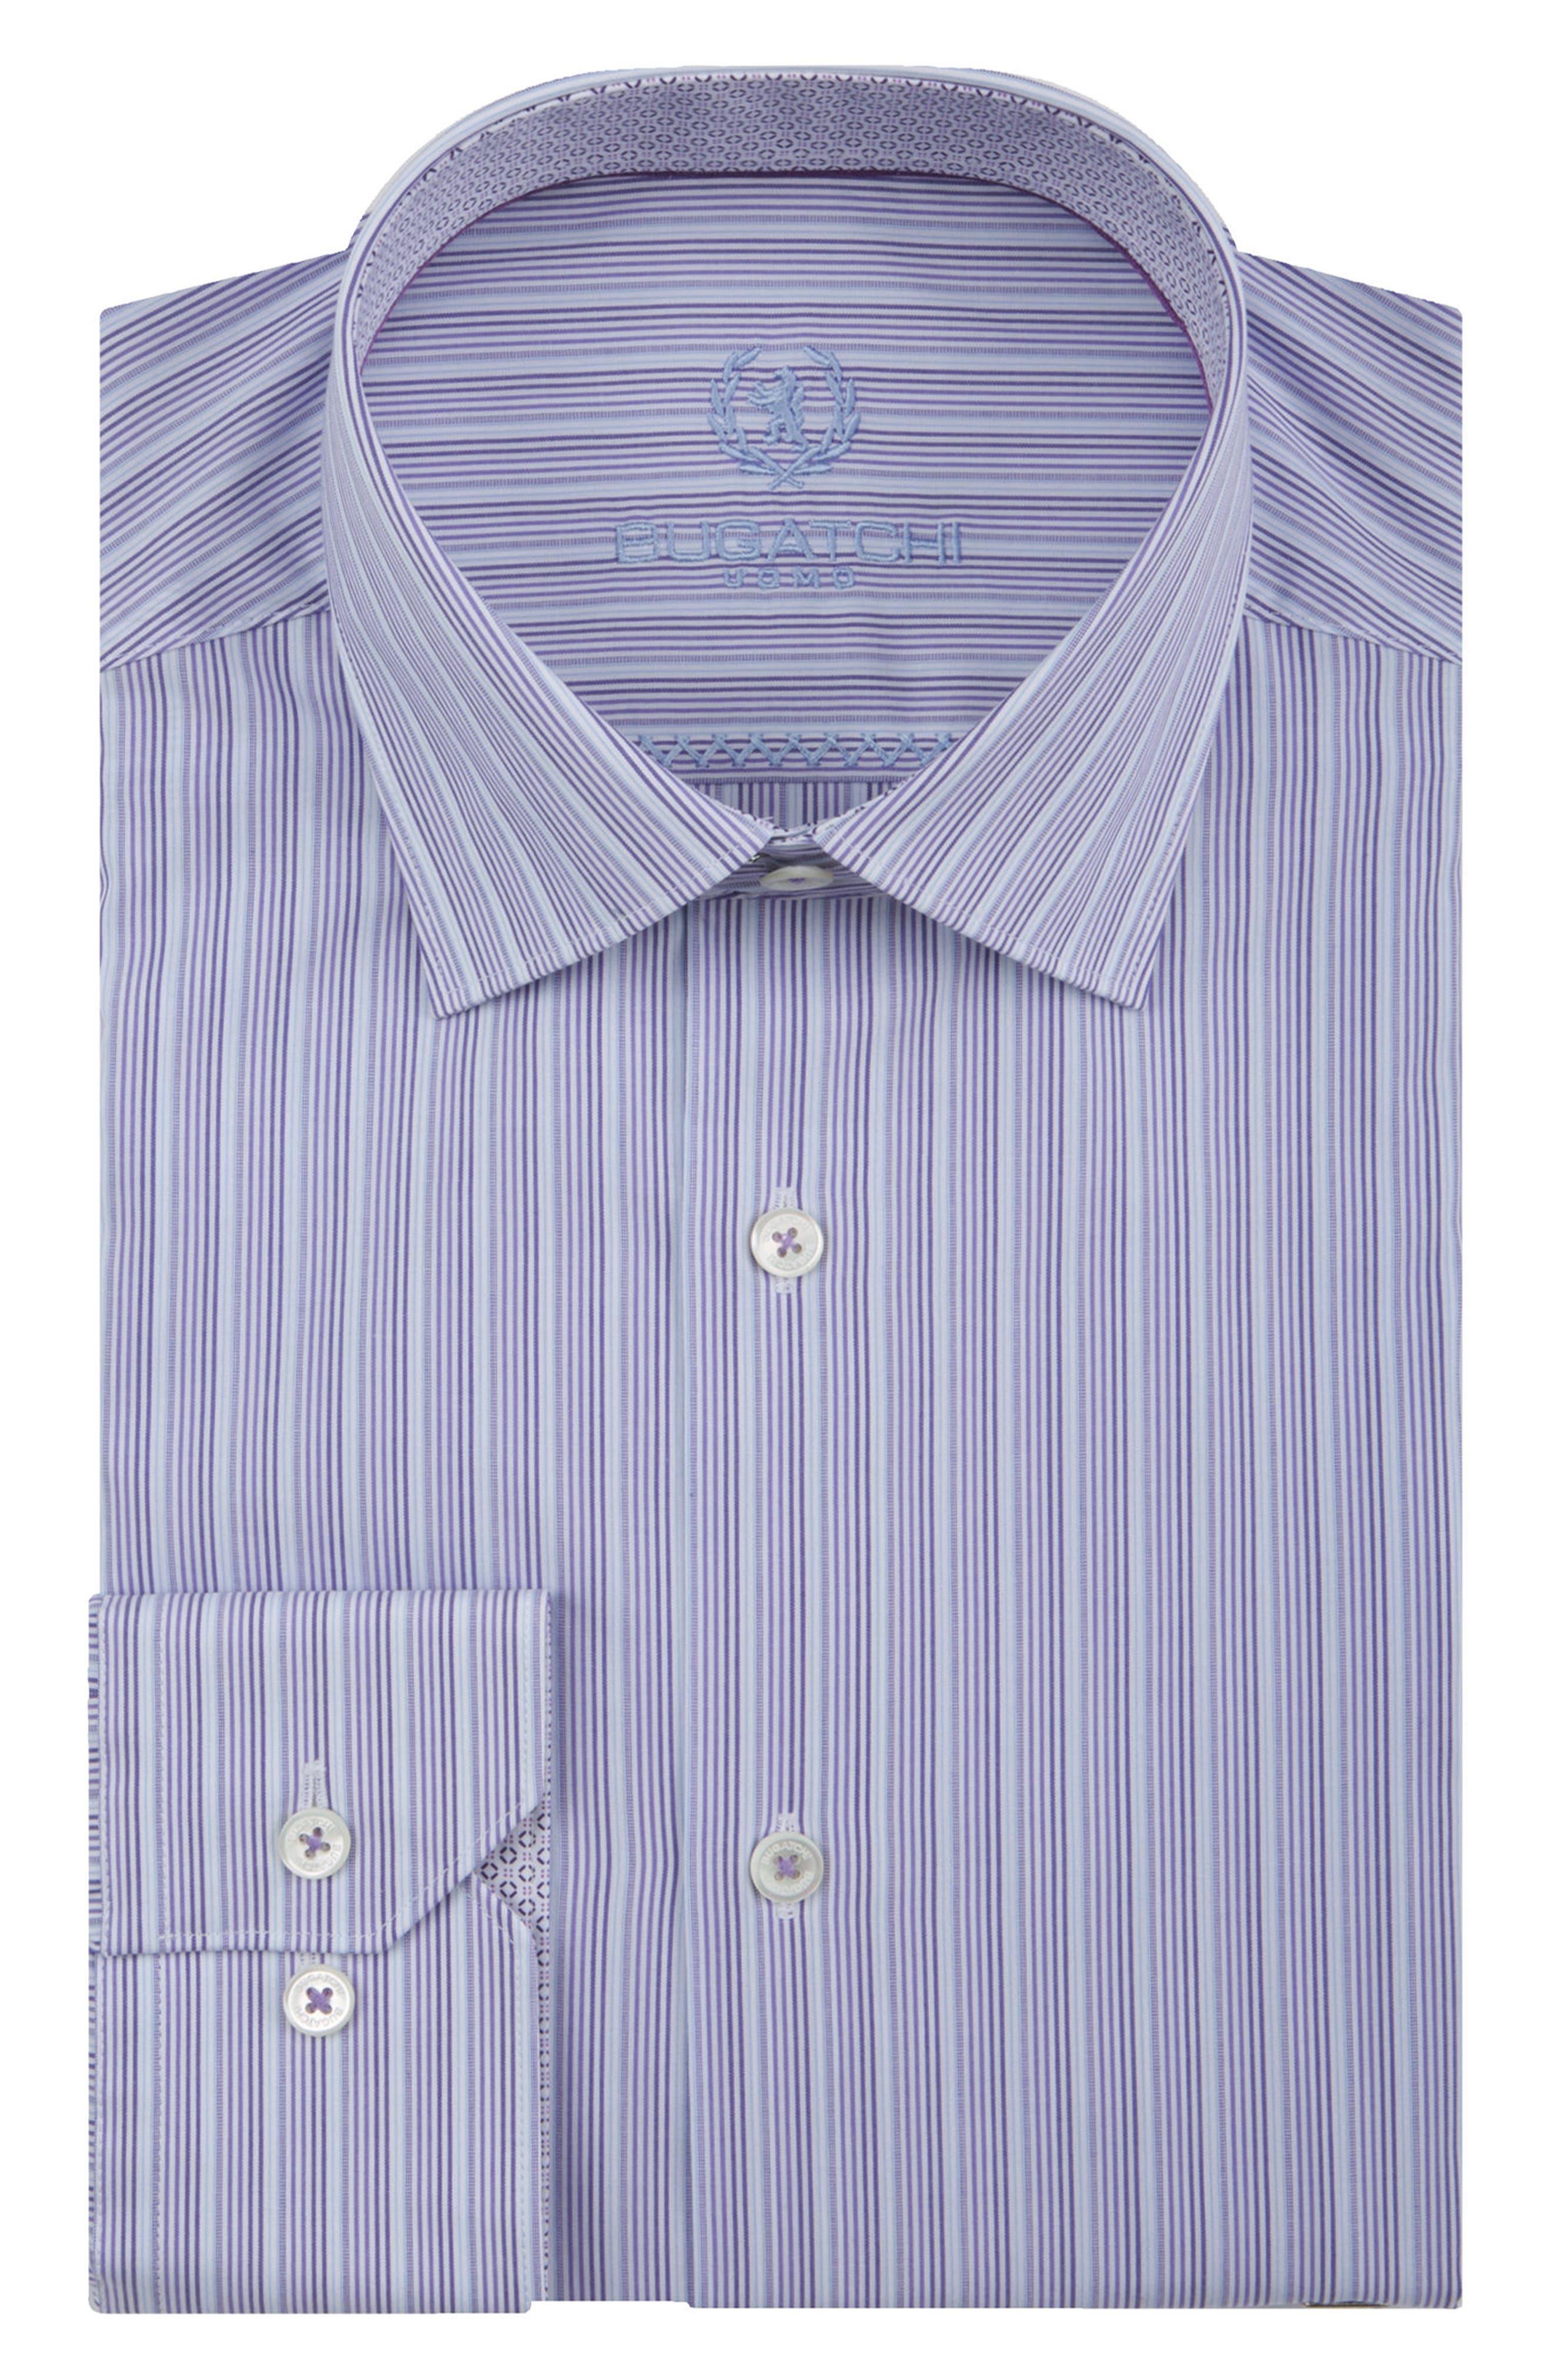 Trim Fit Stripe Dress Shirt,                         Main,                         color, 511